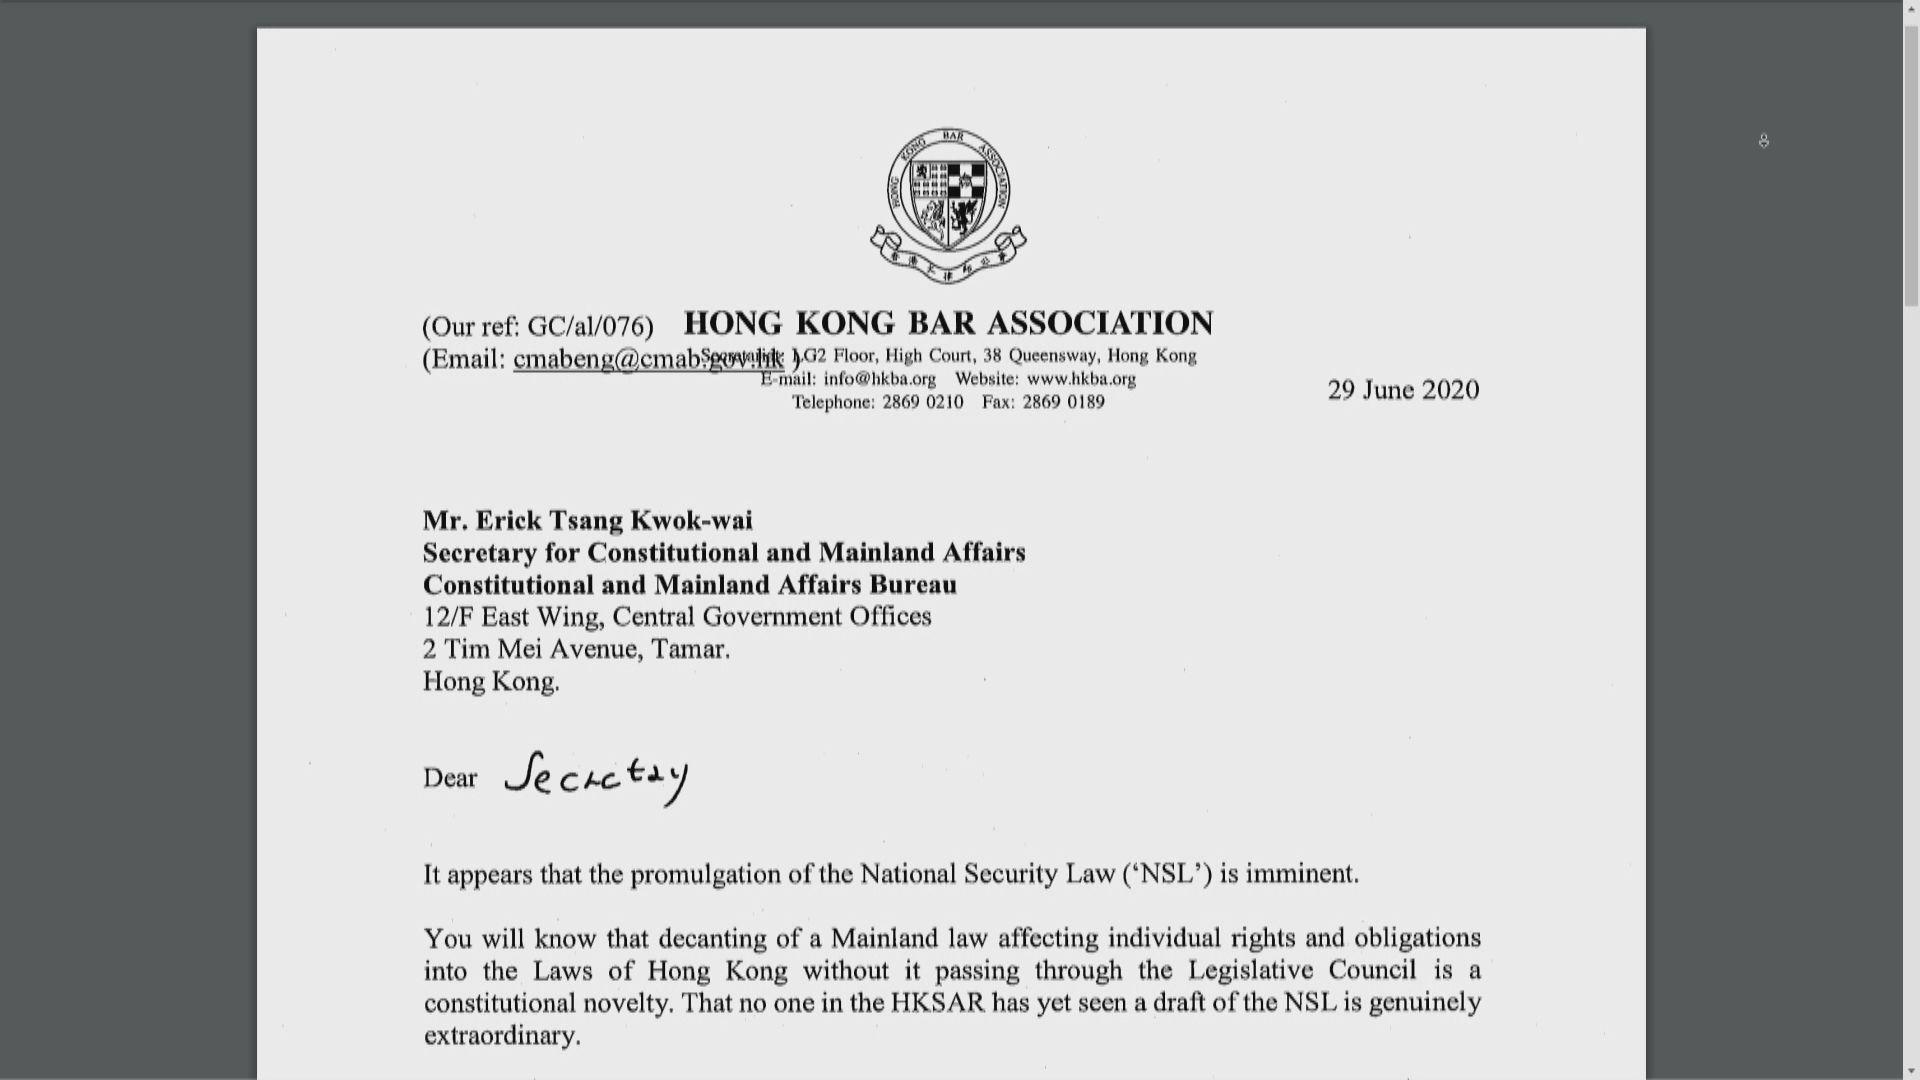 大律師公會去信曾國衞促解釋港區國安法